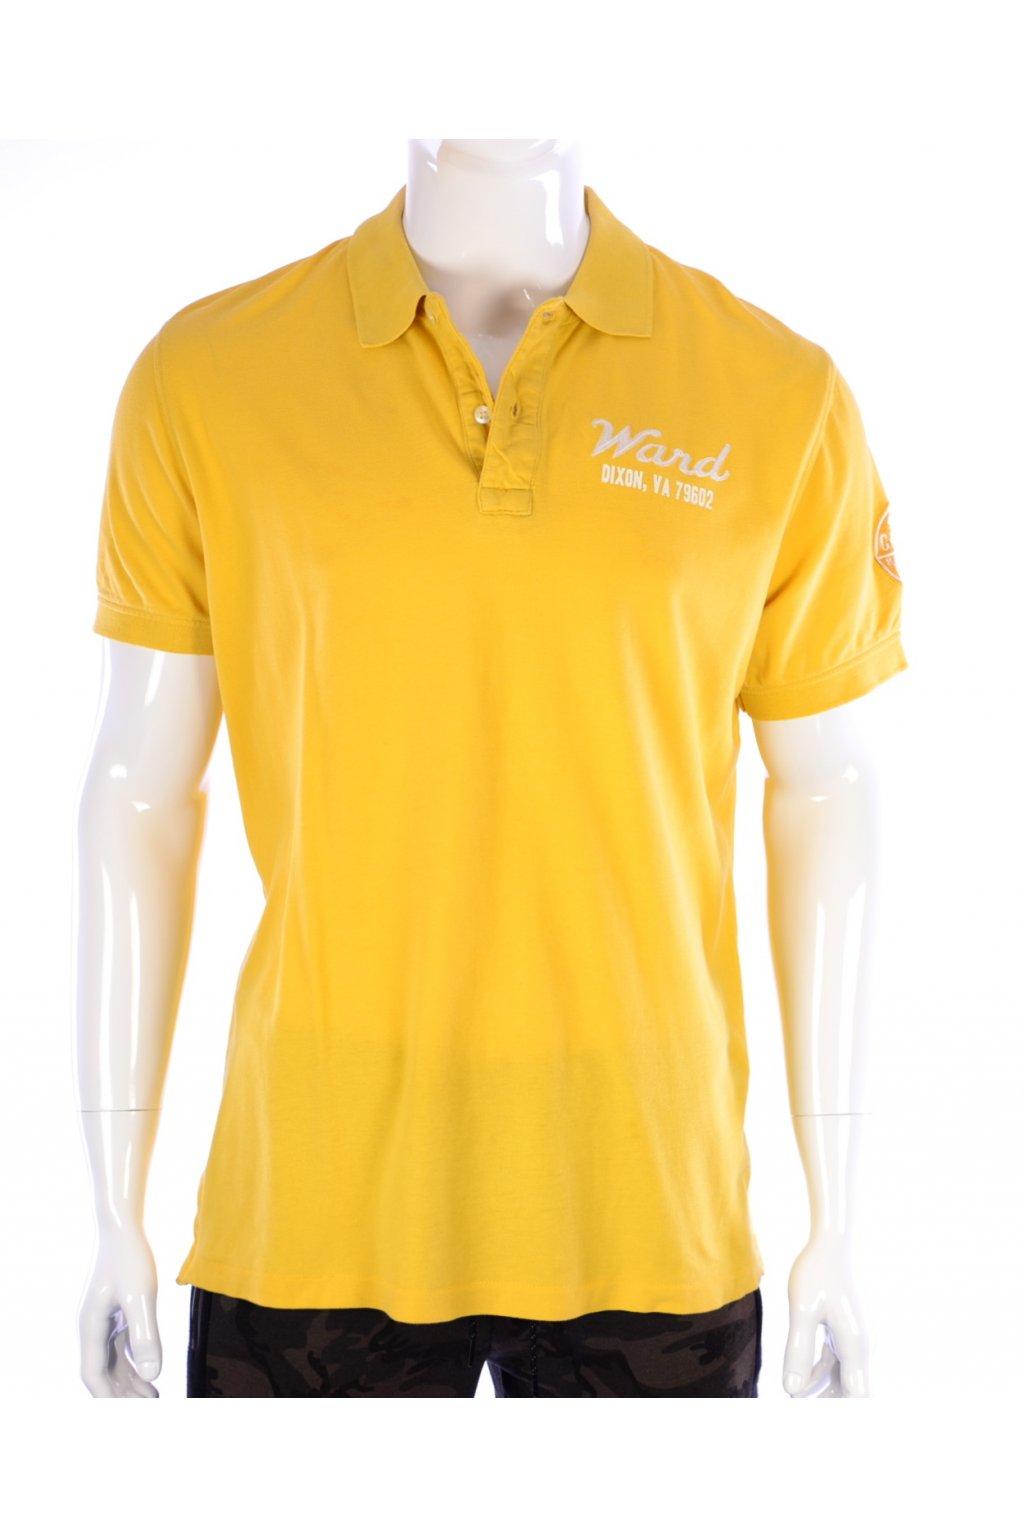 Tričko s límečkem žluté H&M vel. L